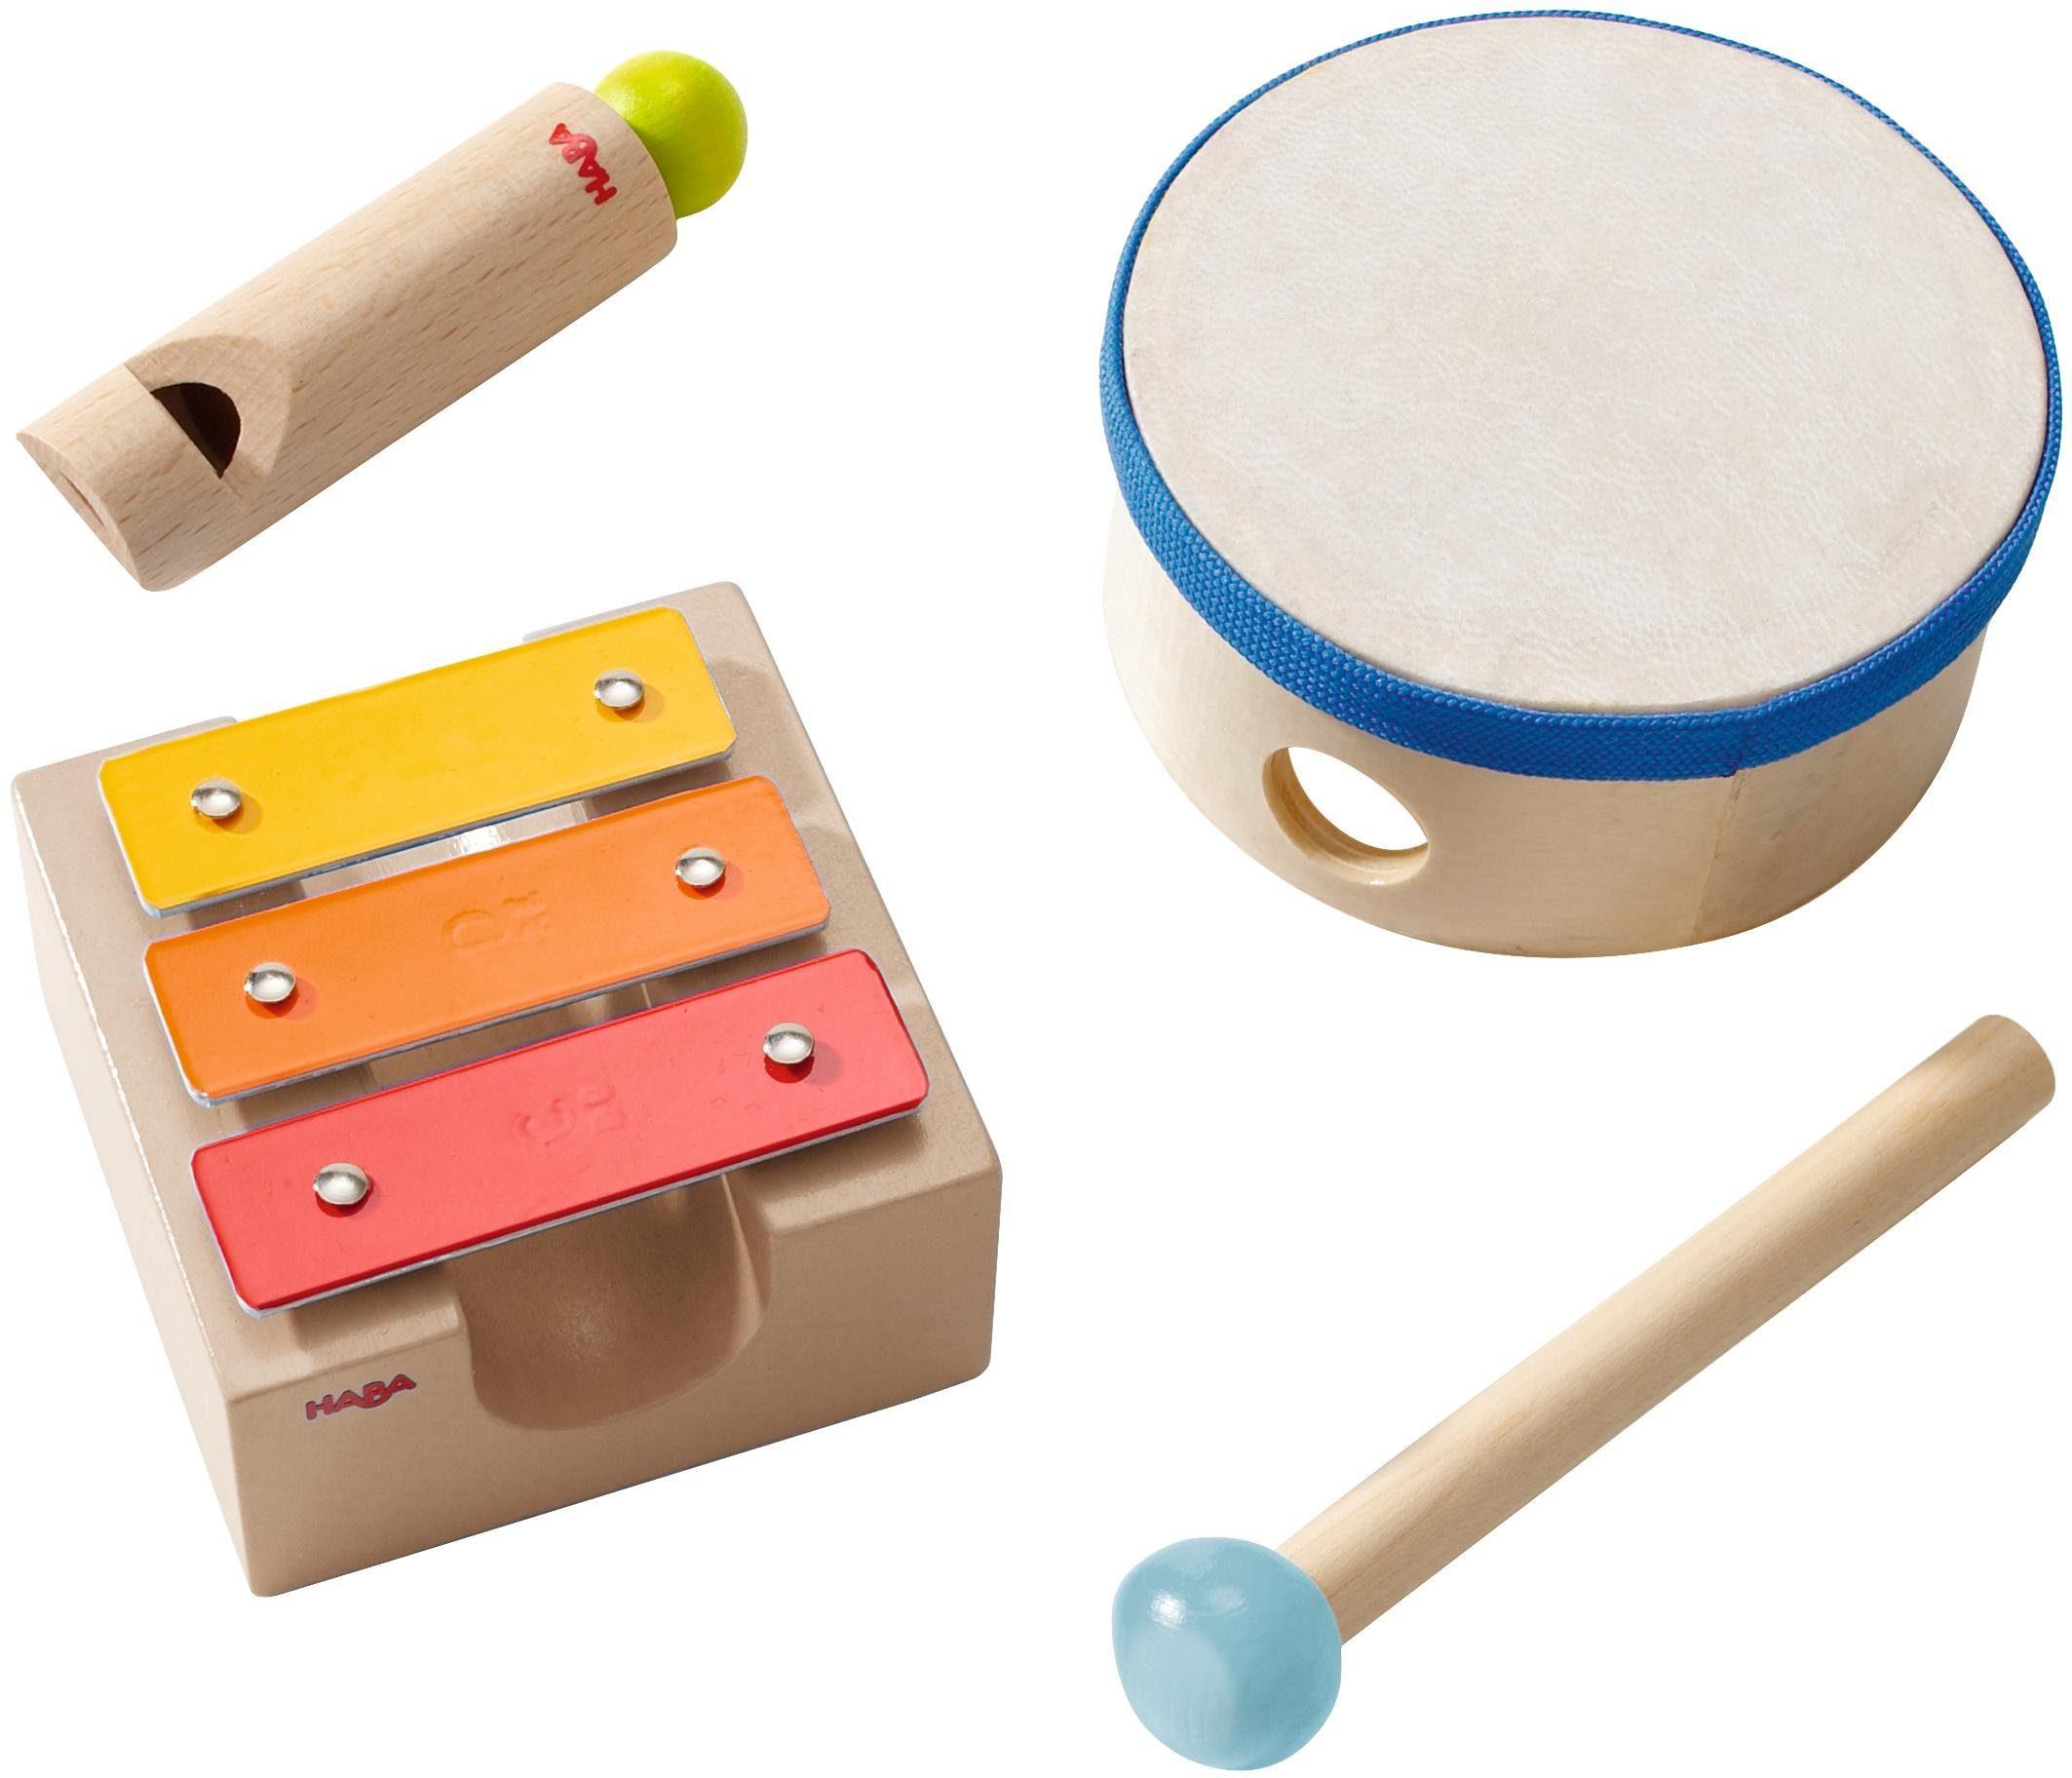 HABA® Kinderinstrument, »Kleiner Klangbaukasten«